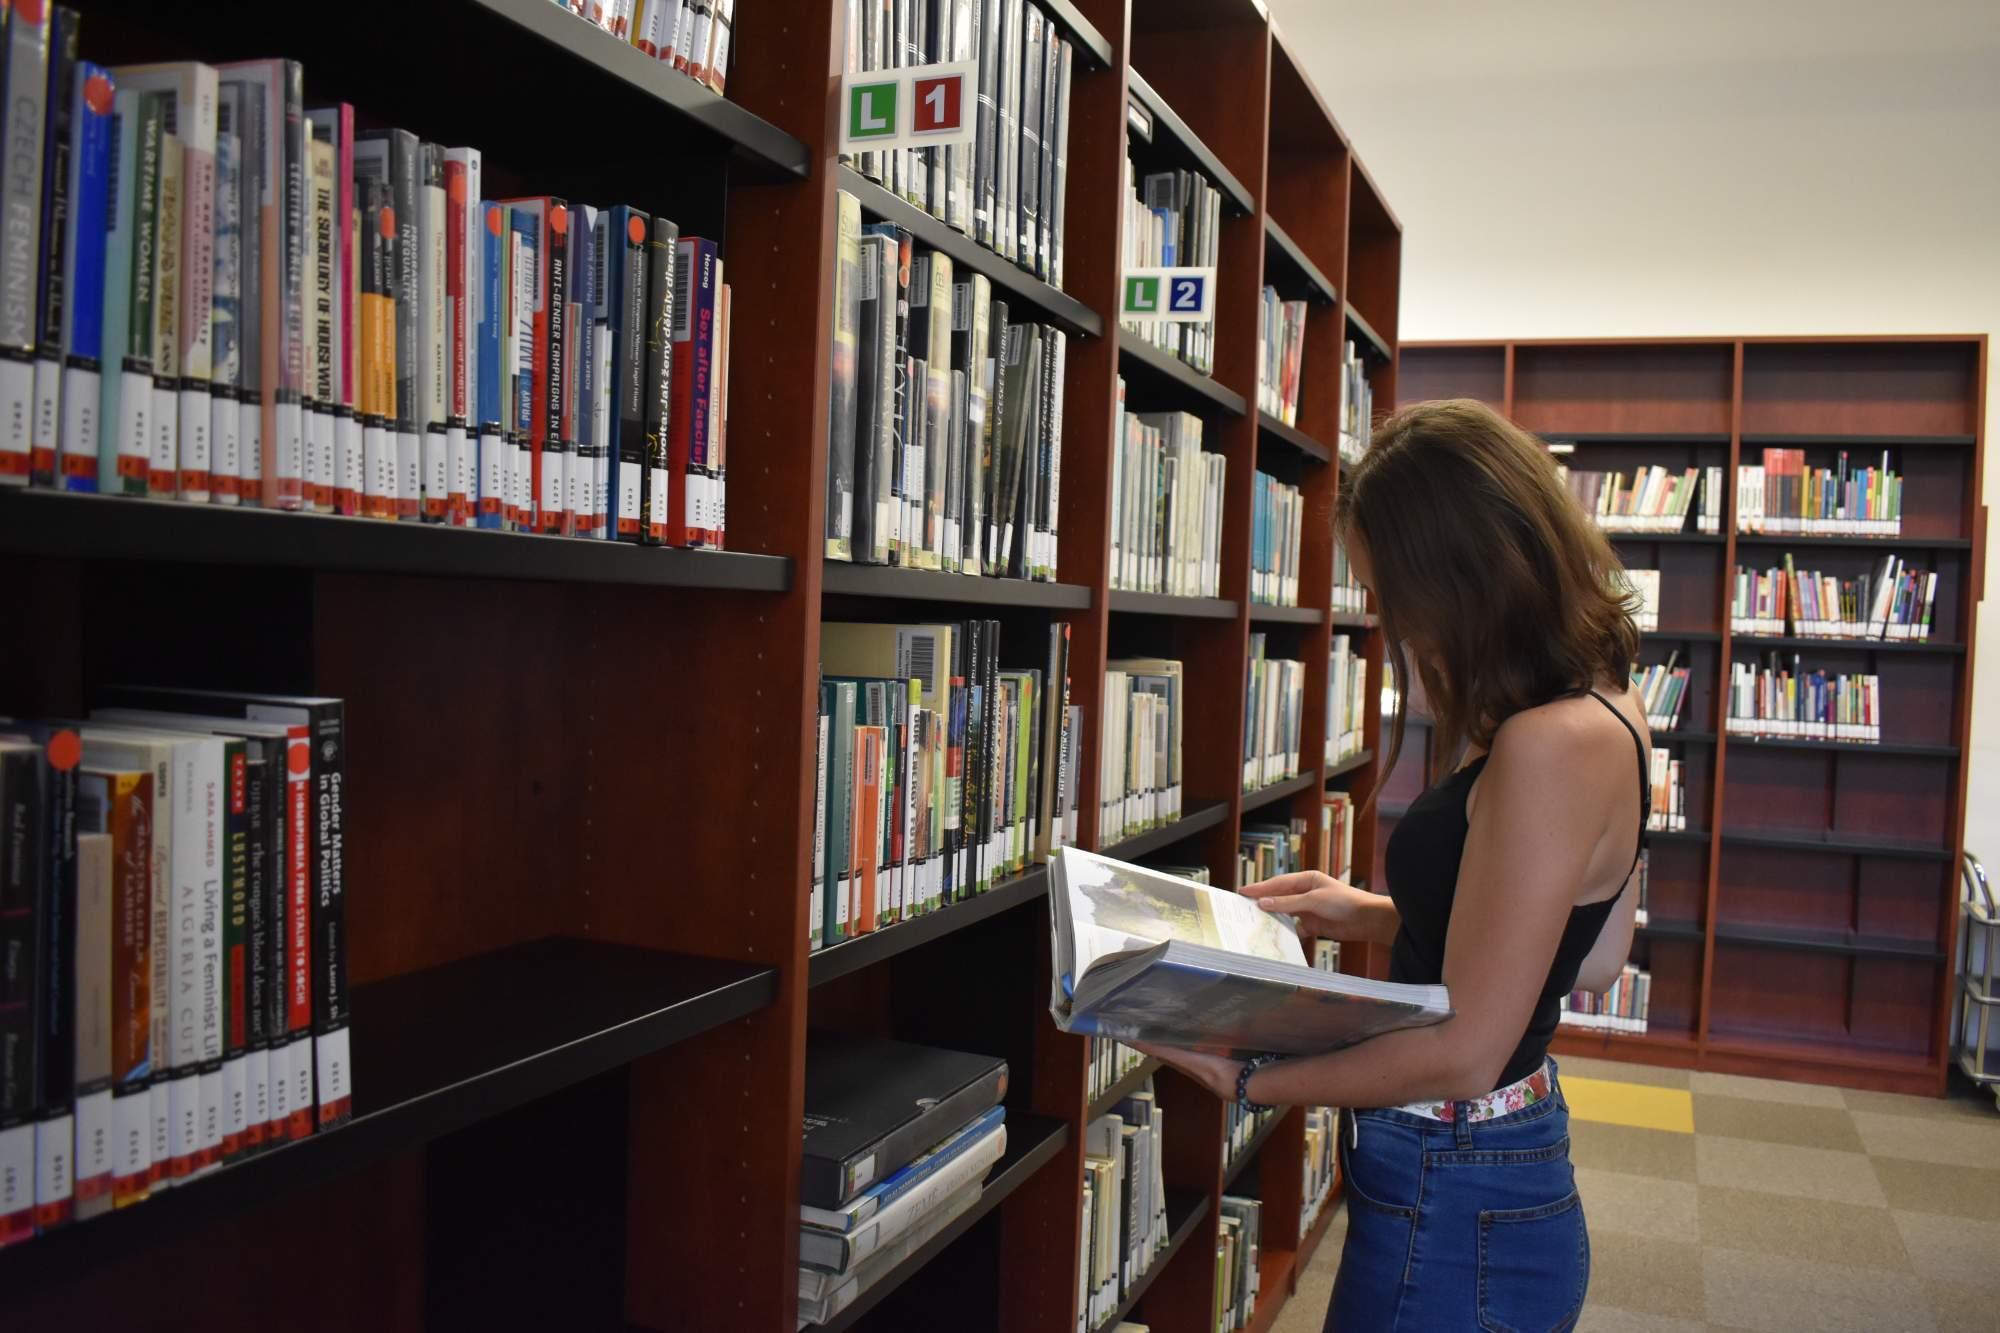 Čím dál častěji studenti přestupují na jiné obory. Foto: Eliška Podzemná